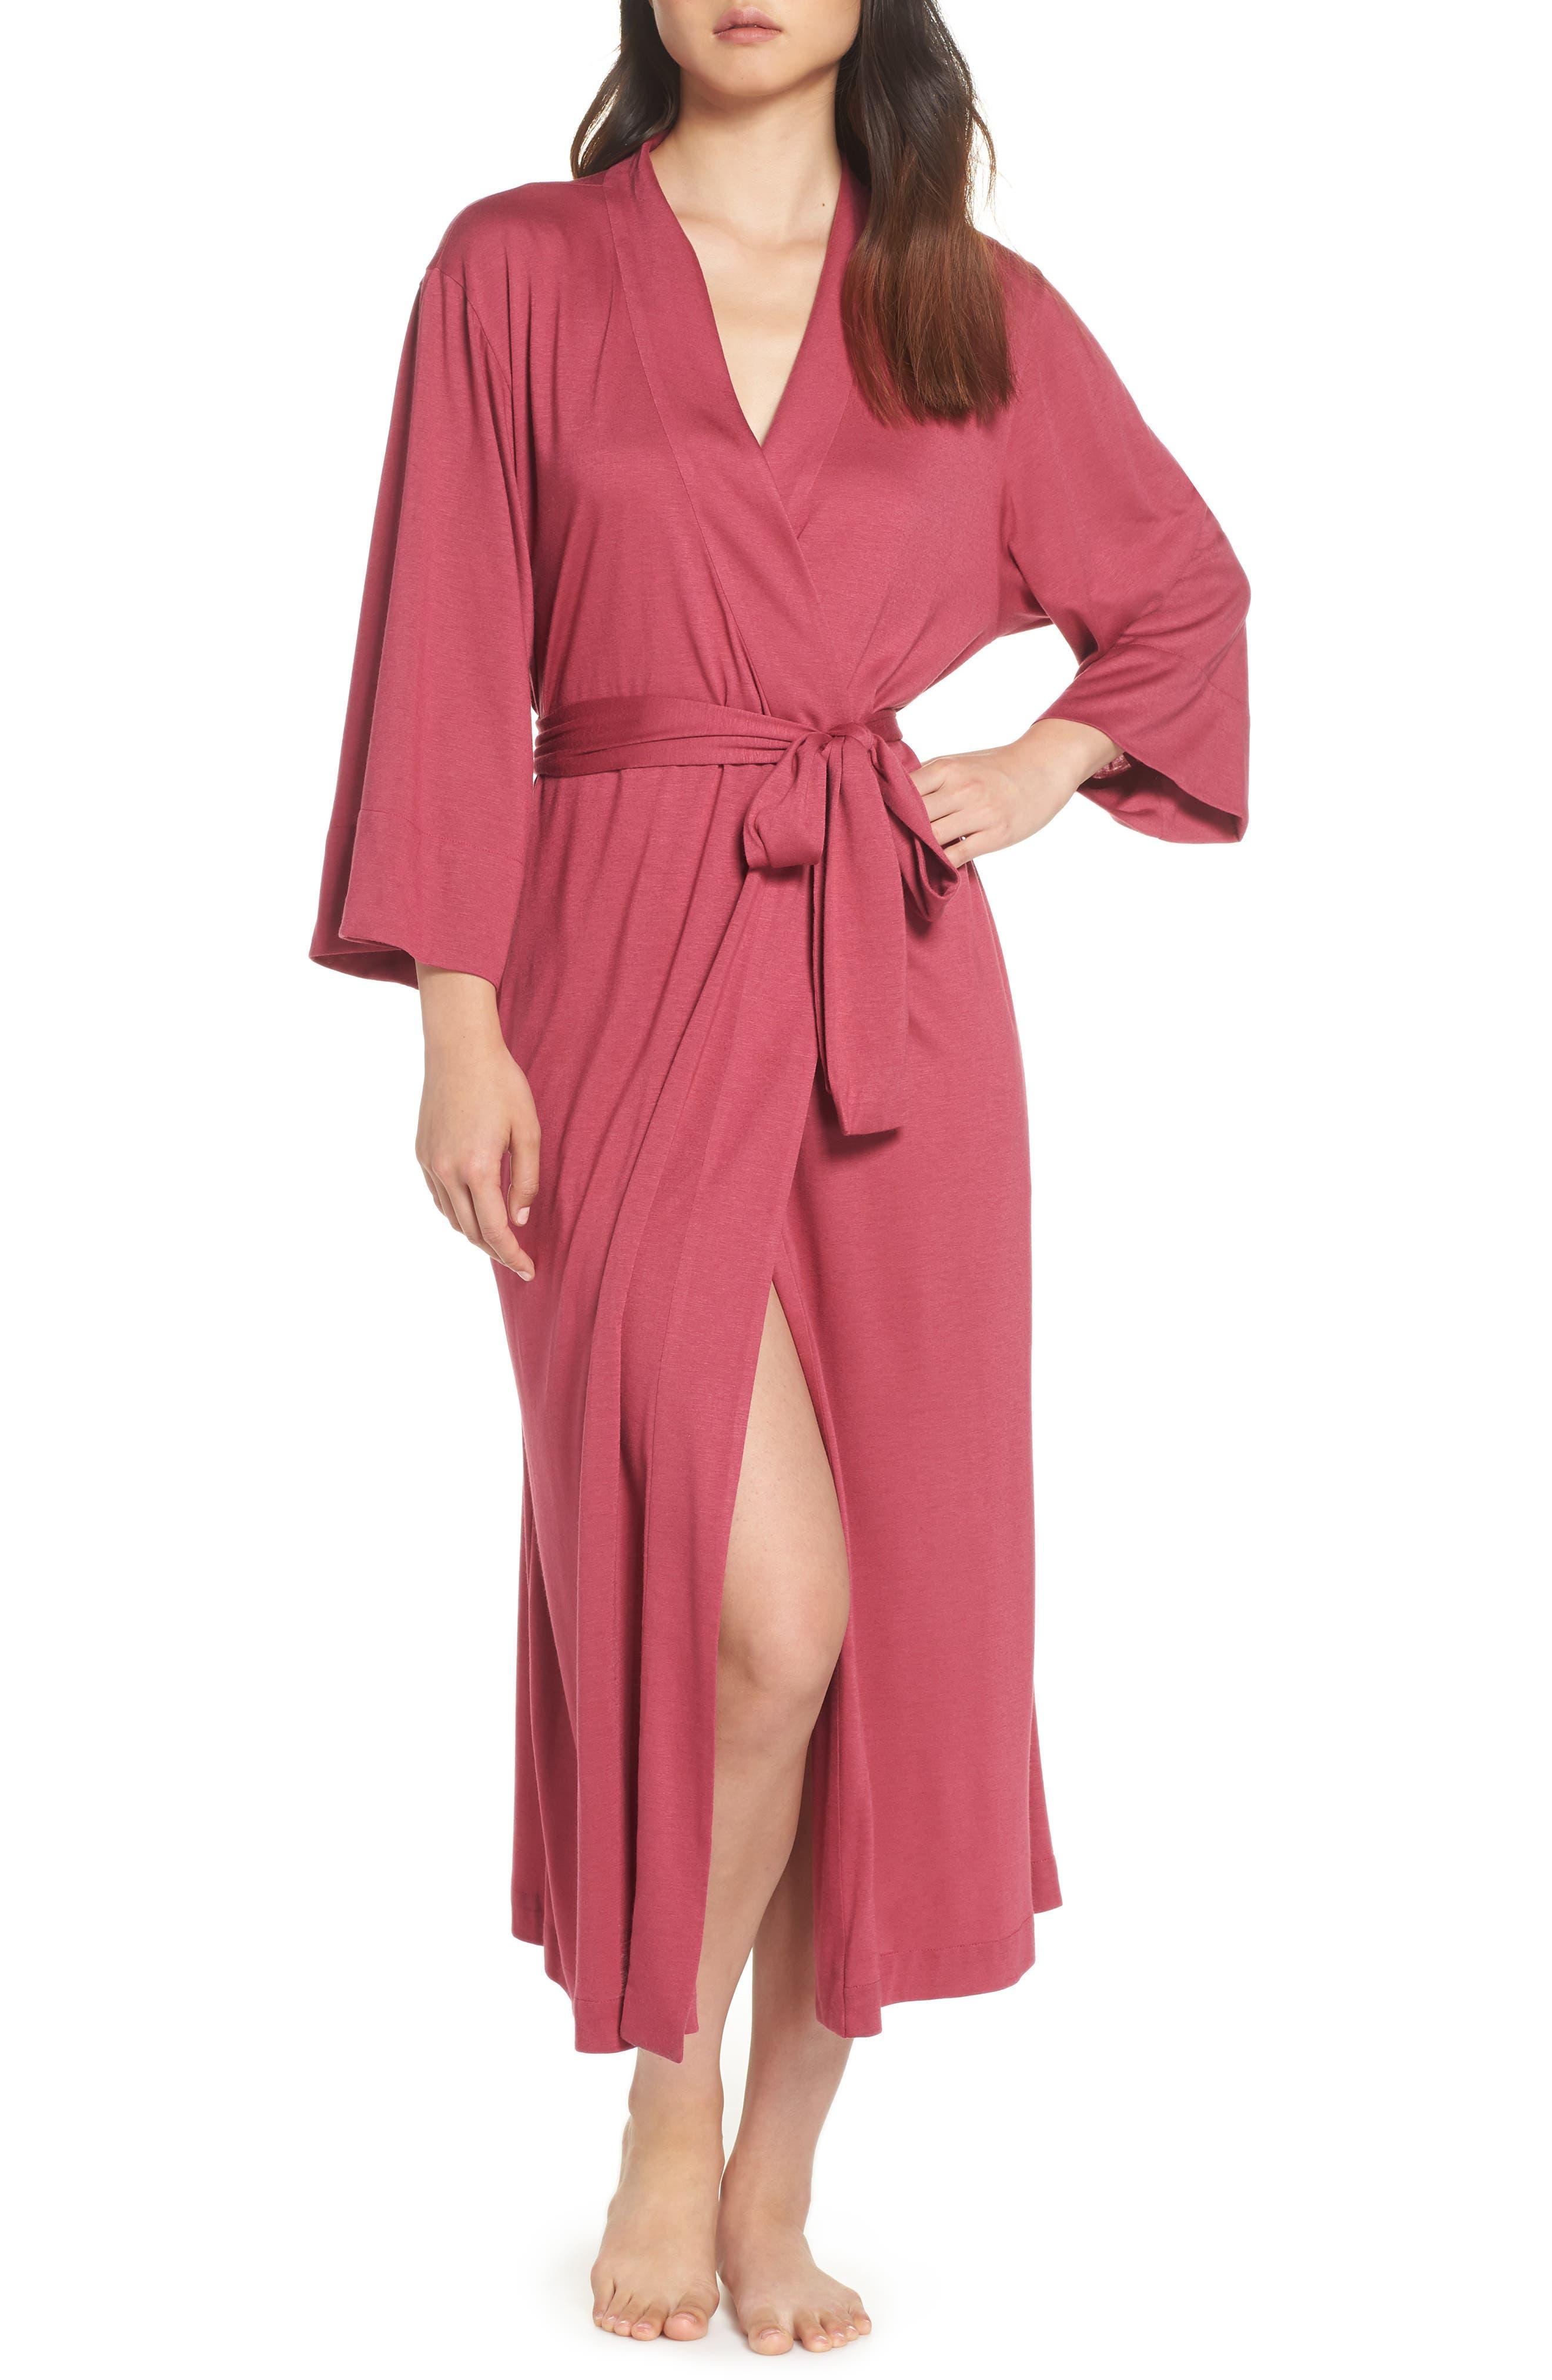 'Shangri-La' Robe,                         Main,                         color, RUB RUBY